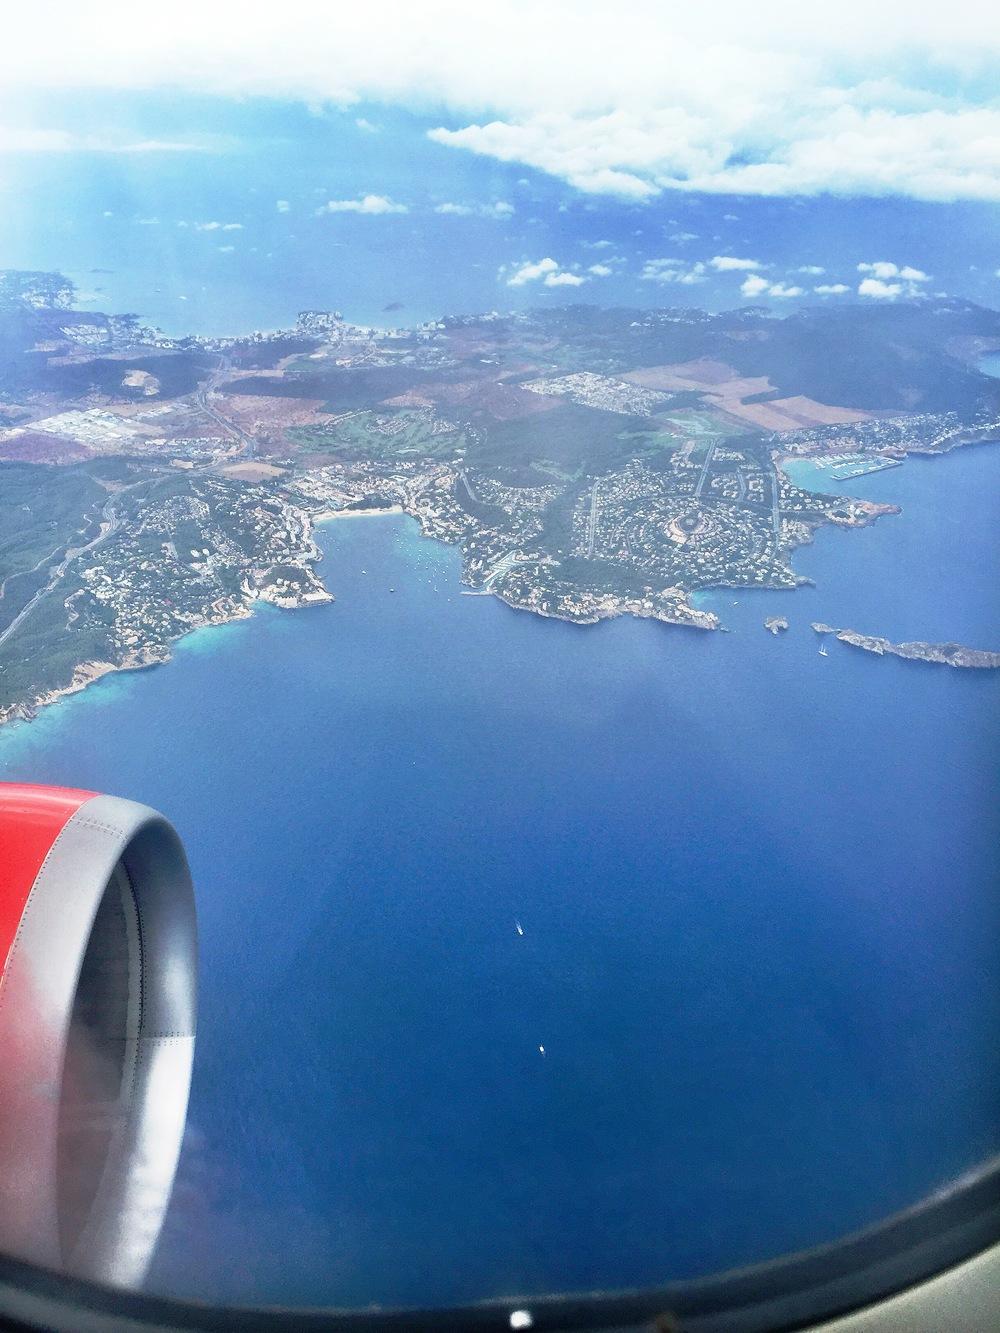 Flying via Palma, Majorca